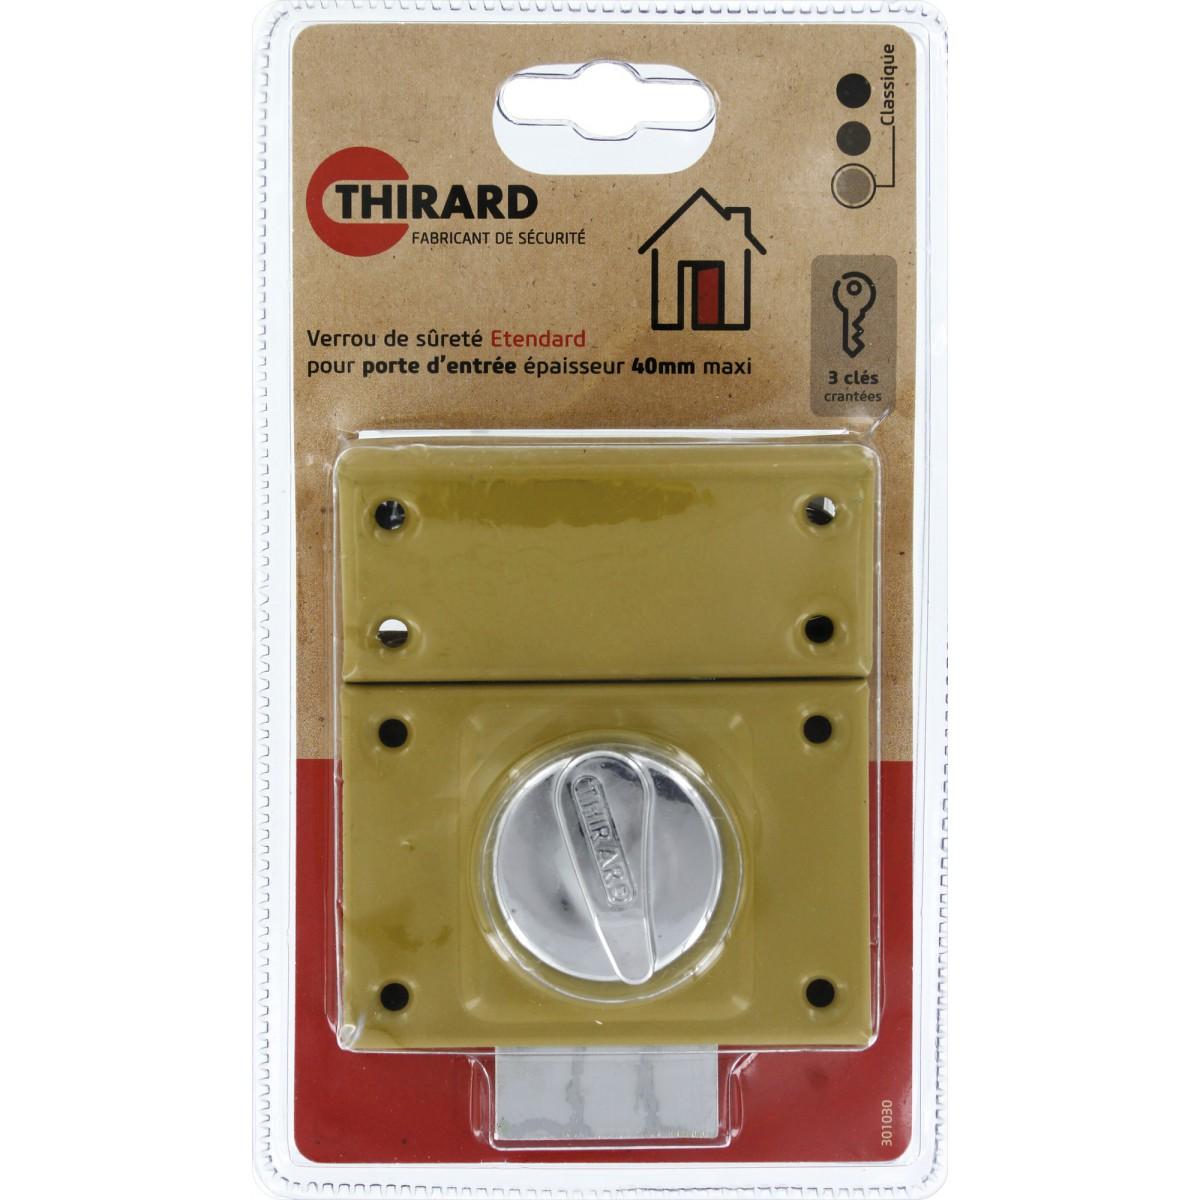 Verrou de sureté série Etendard Thirard - Dimensions 40 mm